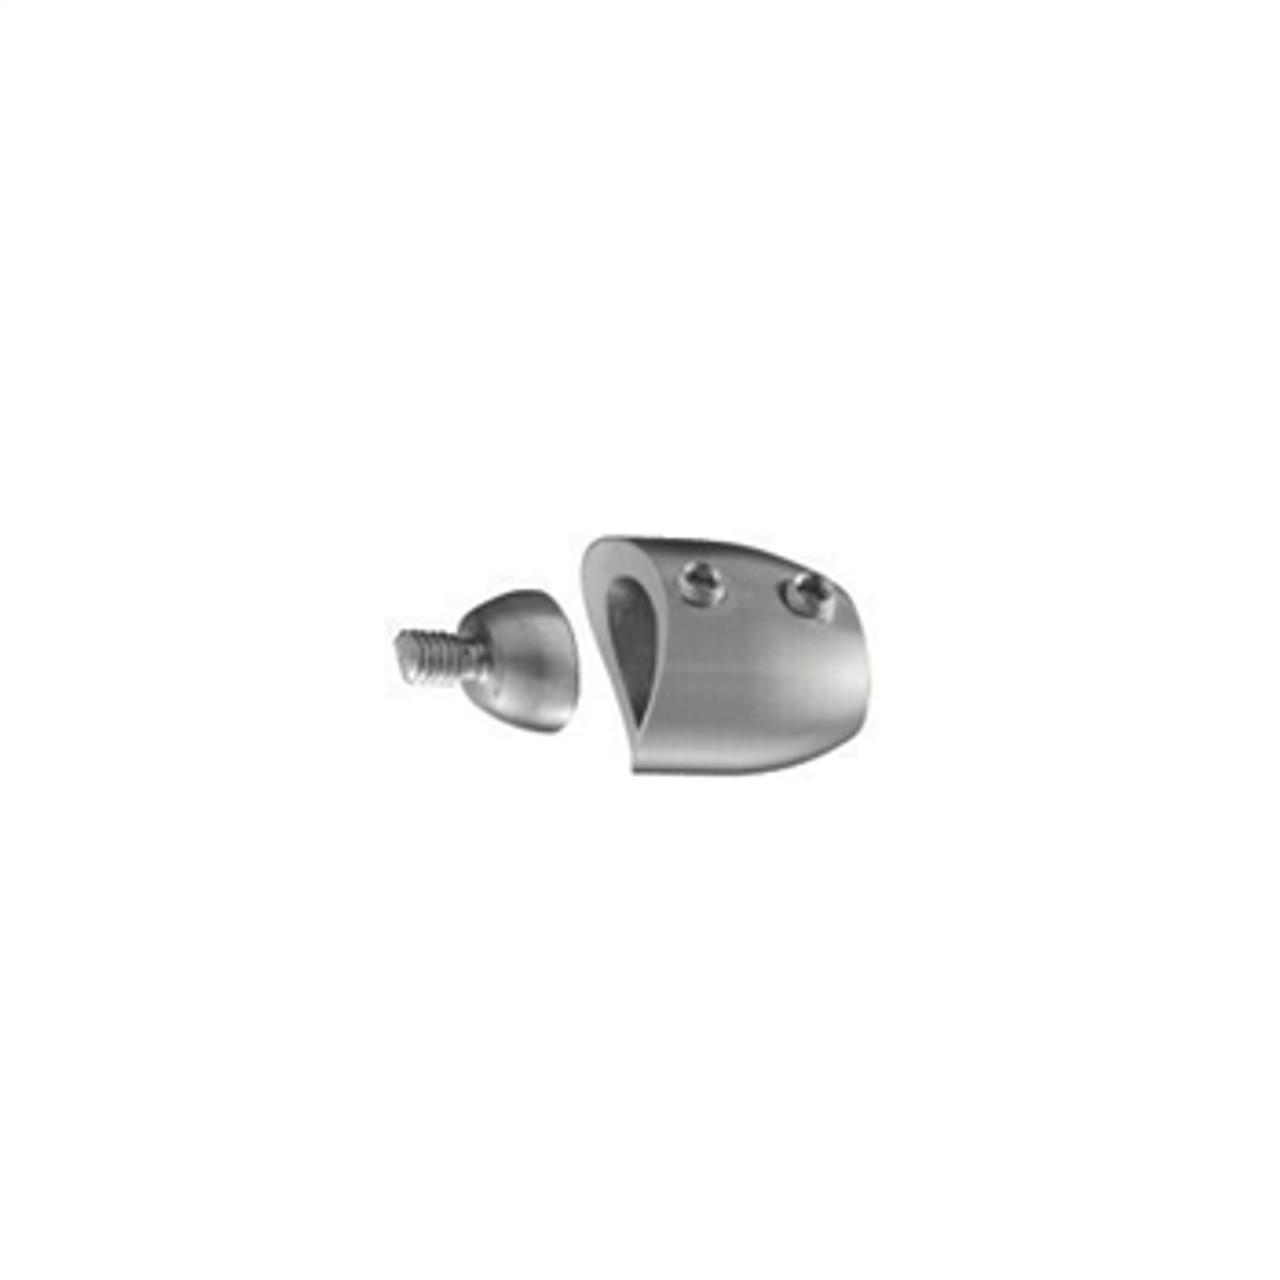 E0069999 Stainless Steel Bar Holder, 1 2/3-inch Tube